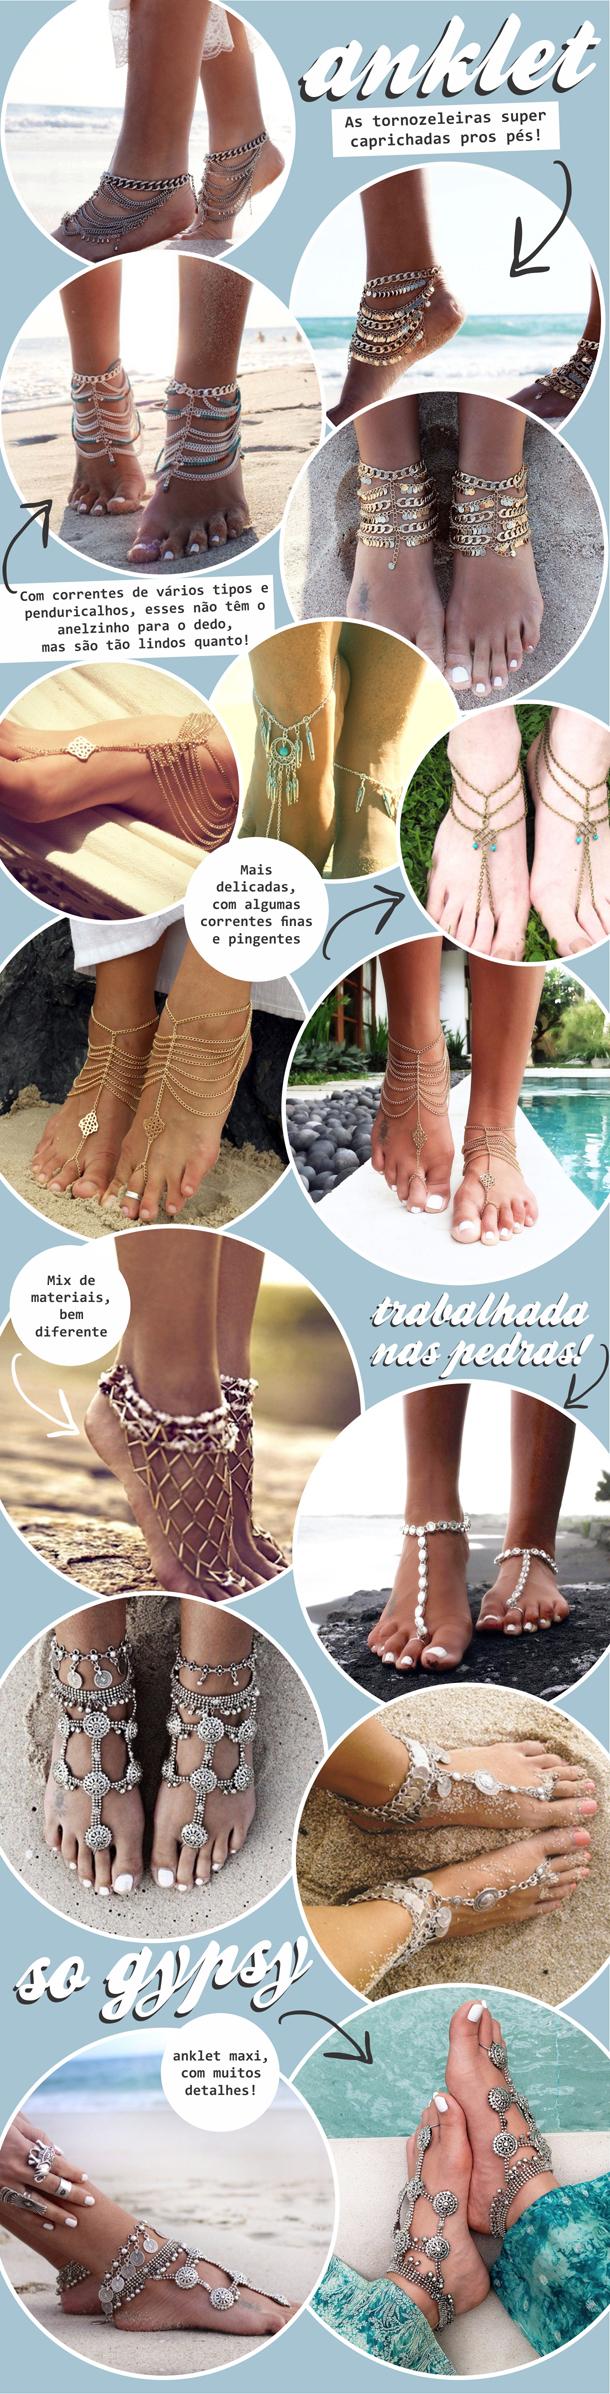 mundo-lolita-anklet